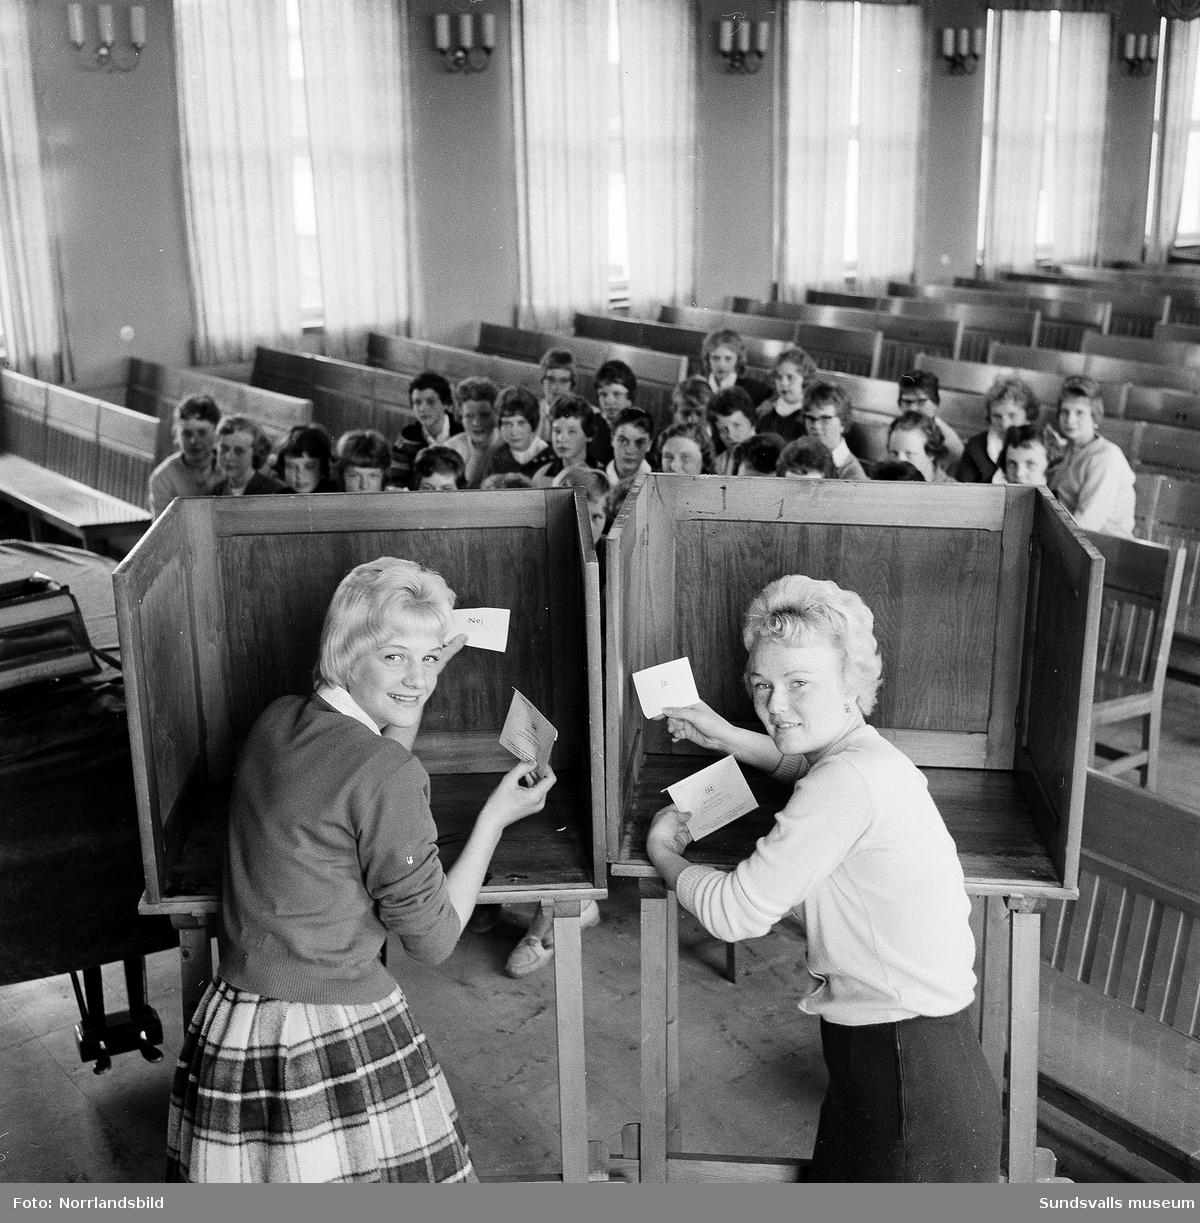 Klass åtta i Timrå går till val. Skollediga lördagar eller inte?